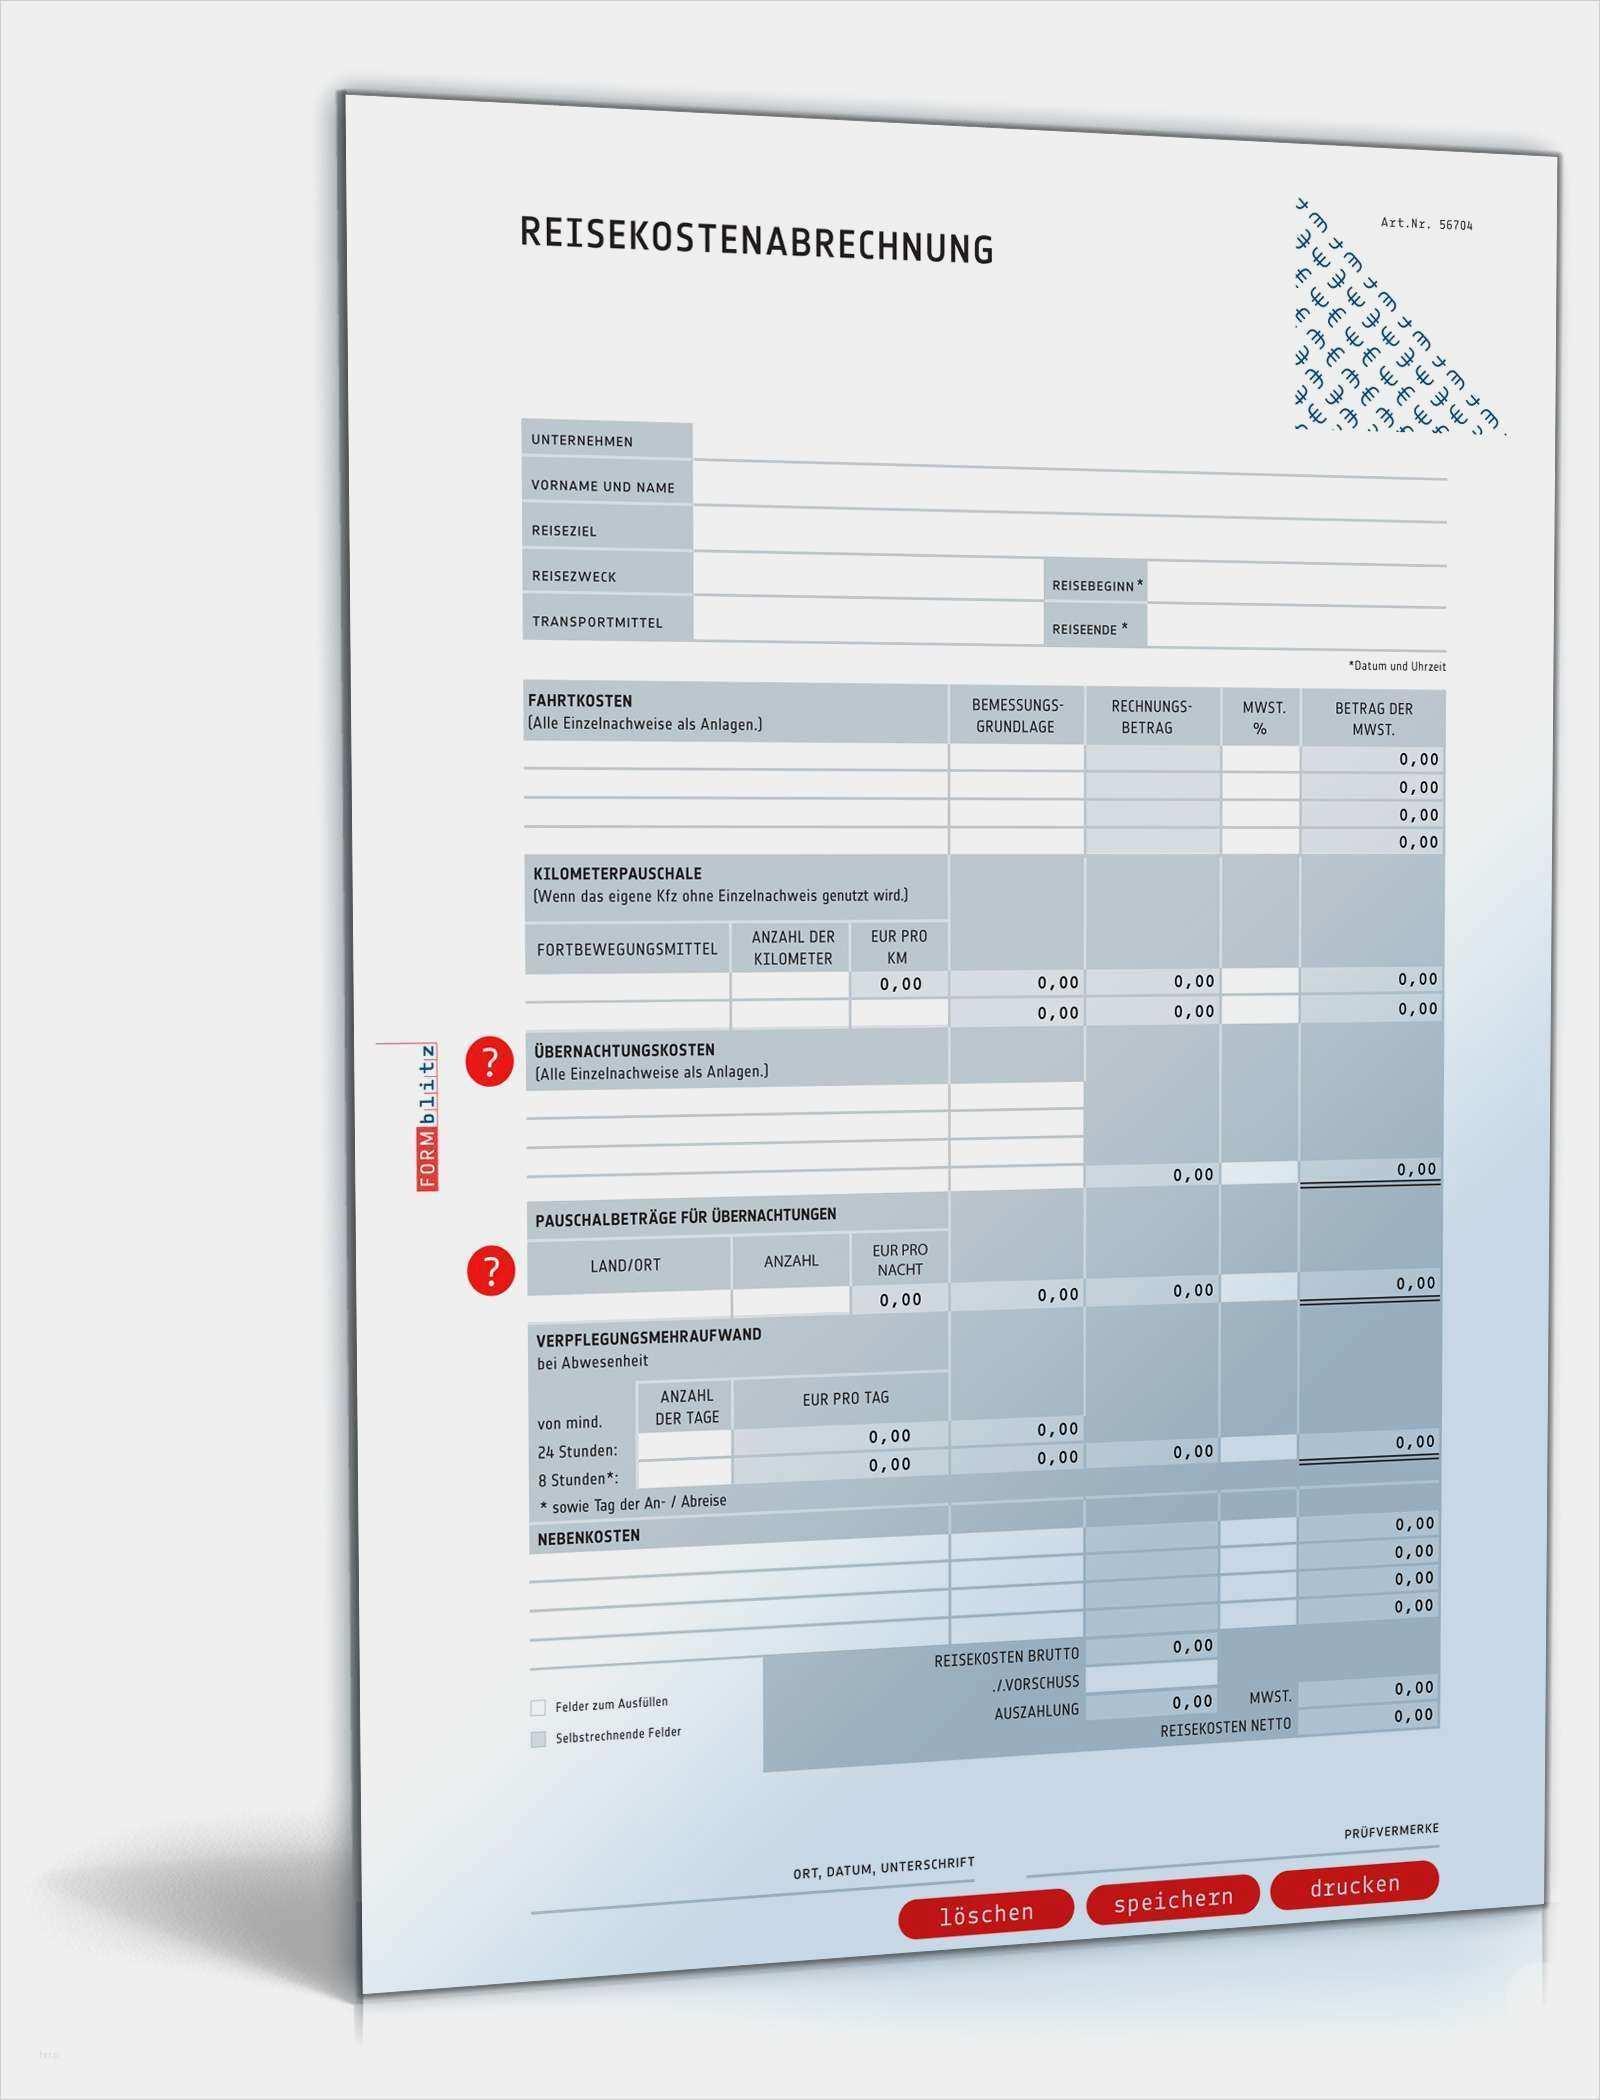 29 Schon Vorlage Haftungsausschluss Vorrate Vorlagen Briefkopf Vorlage Gehaltsabrechnung